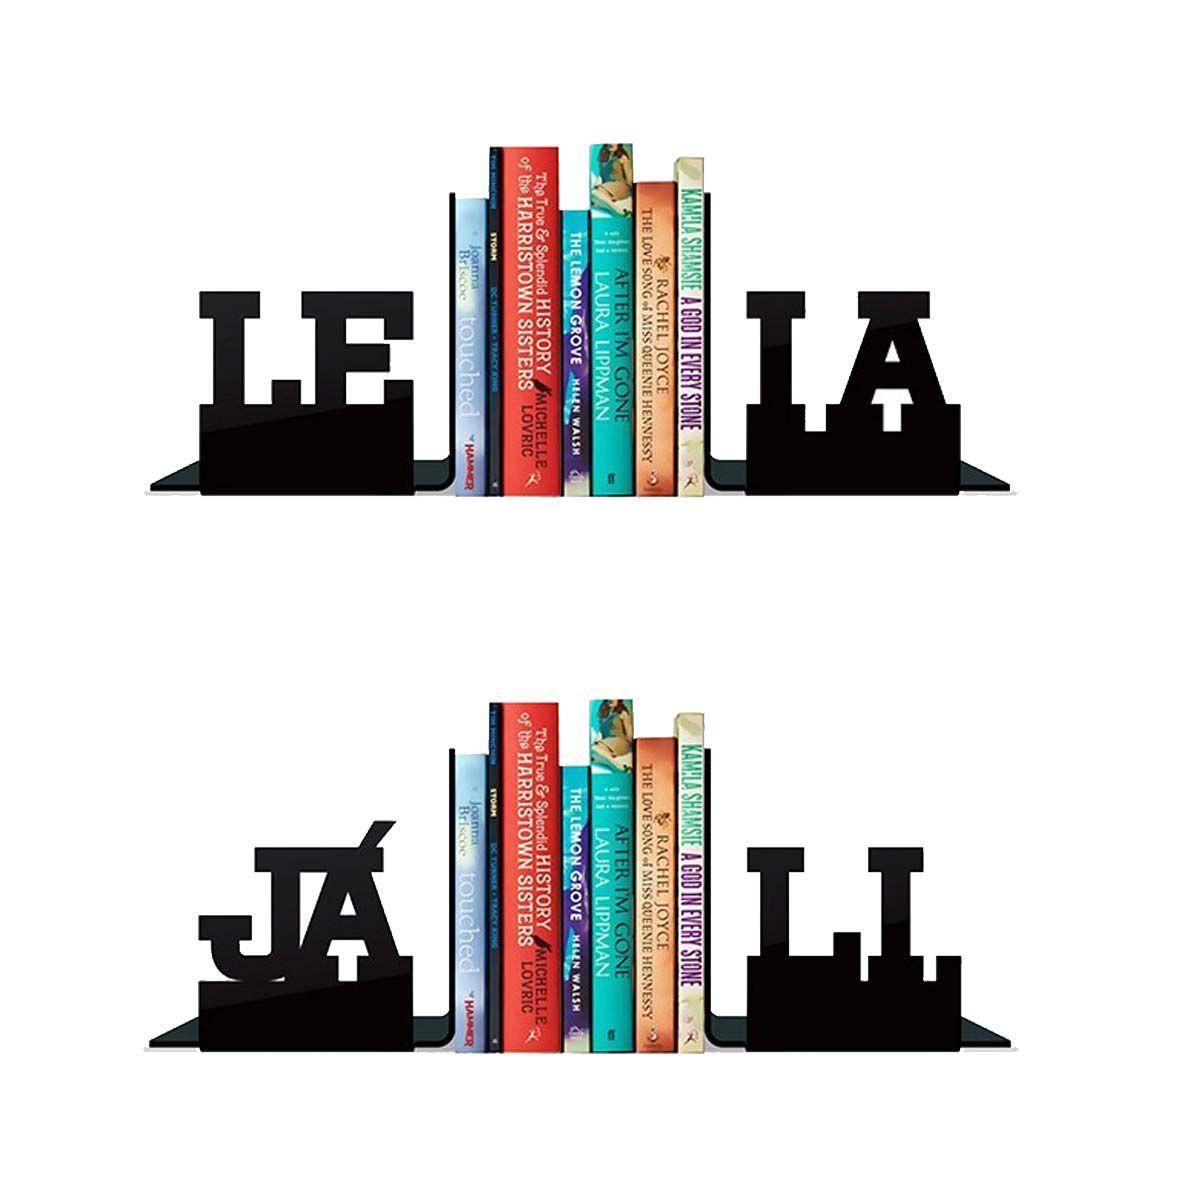 Kit Aparadores de Livros Leia e Já Li 4 peças